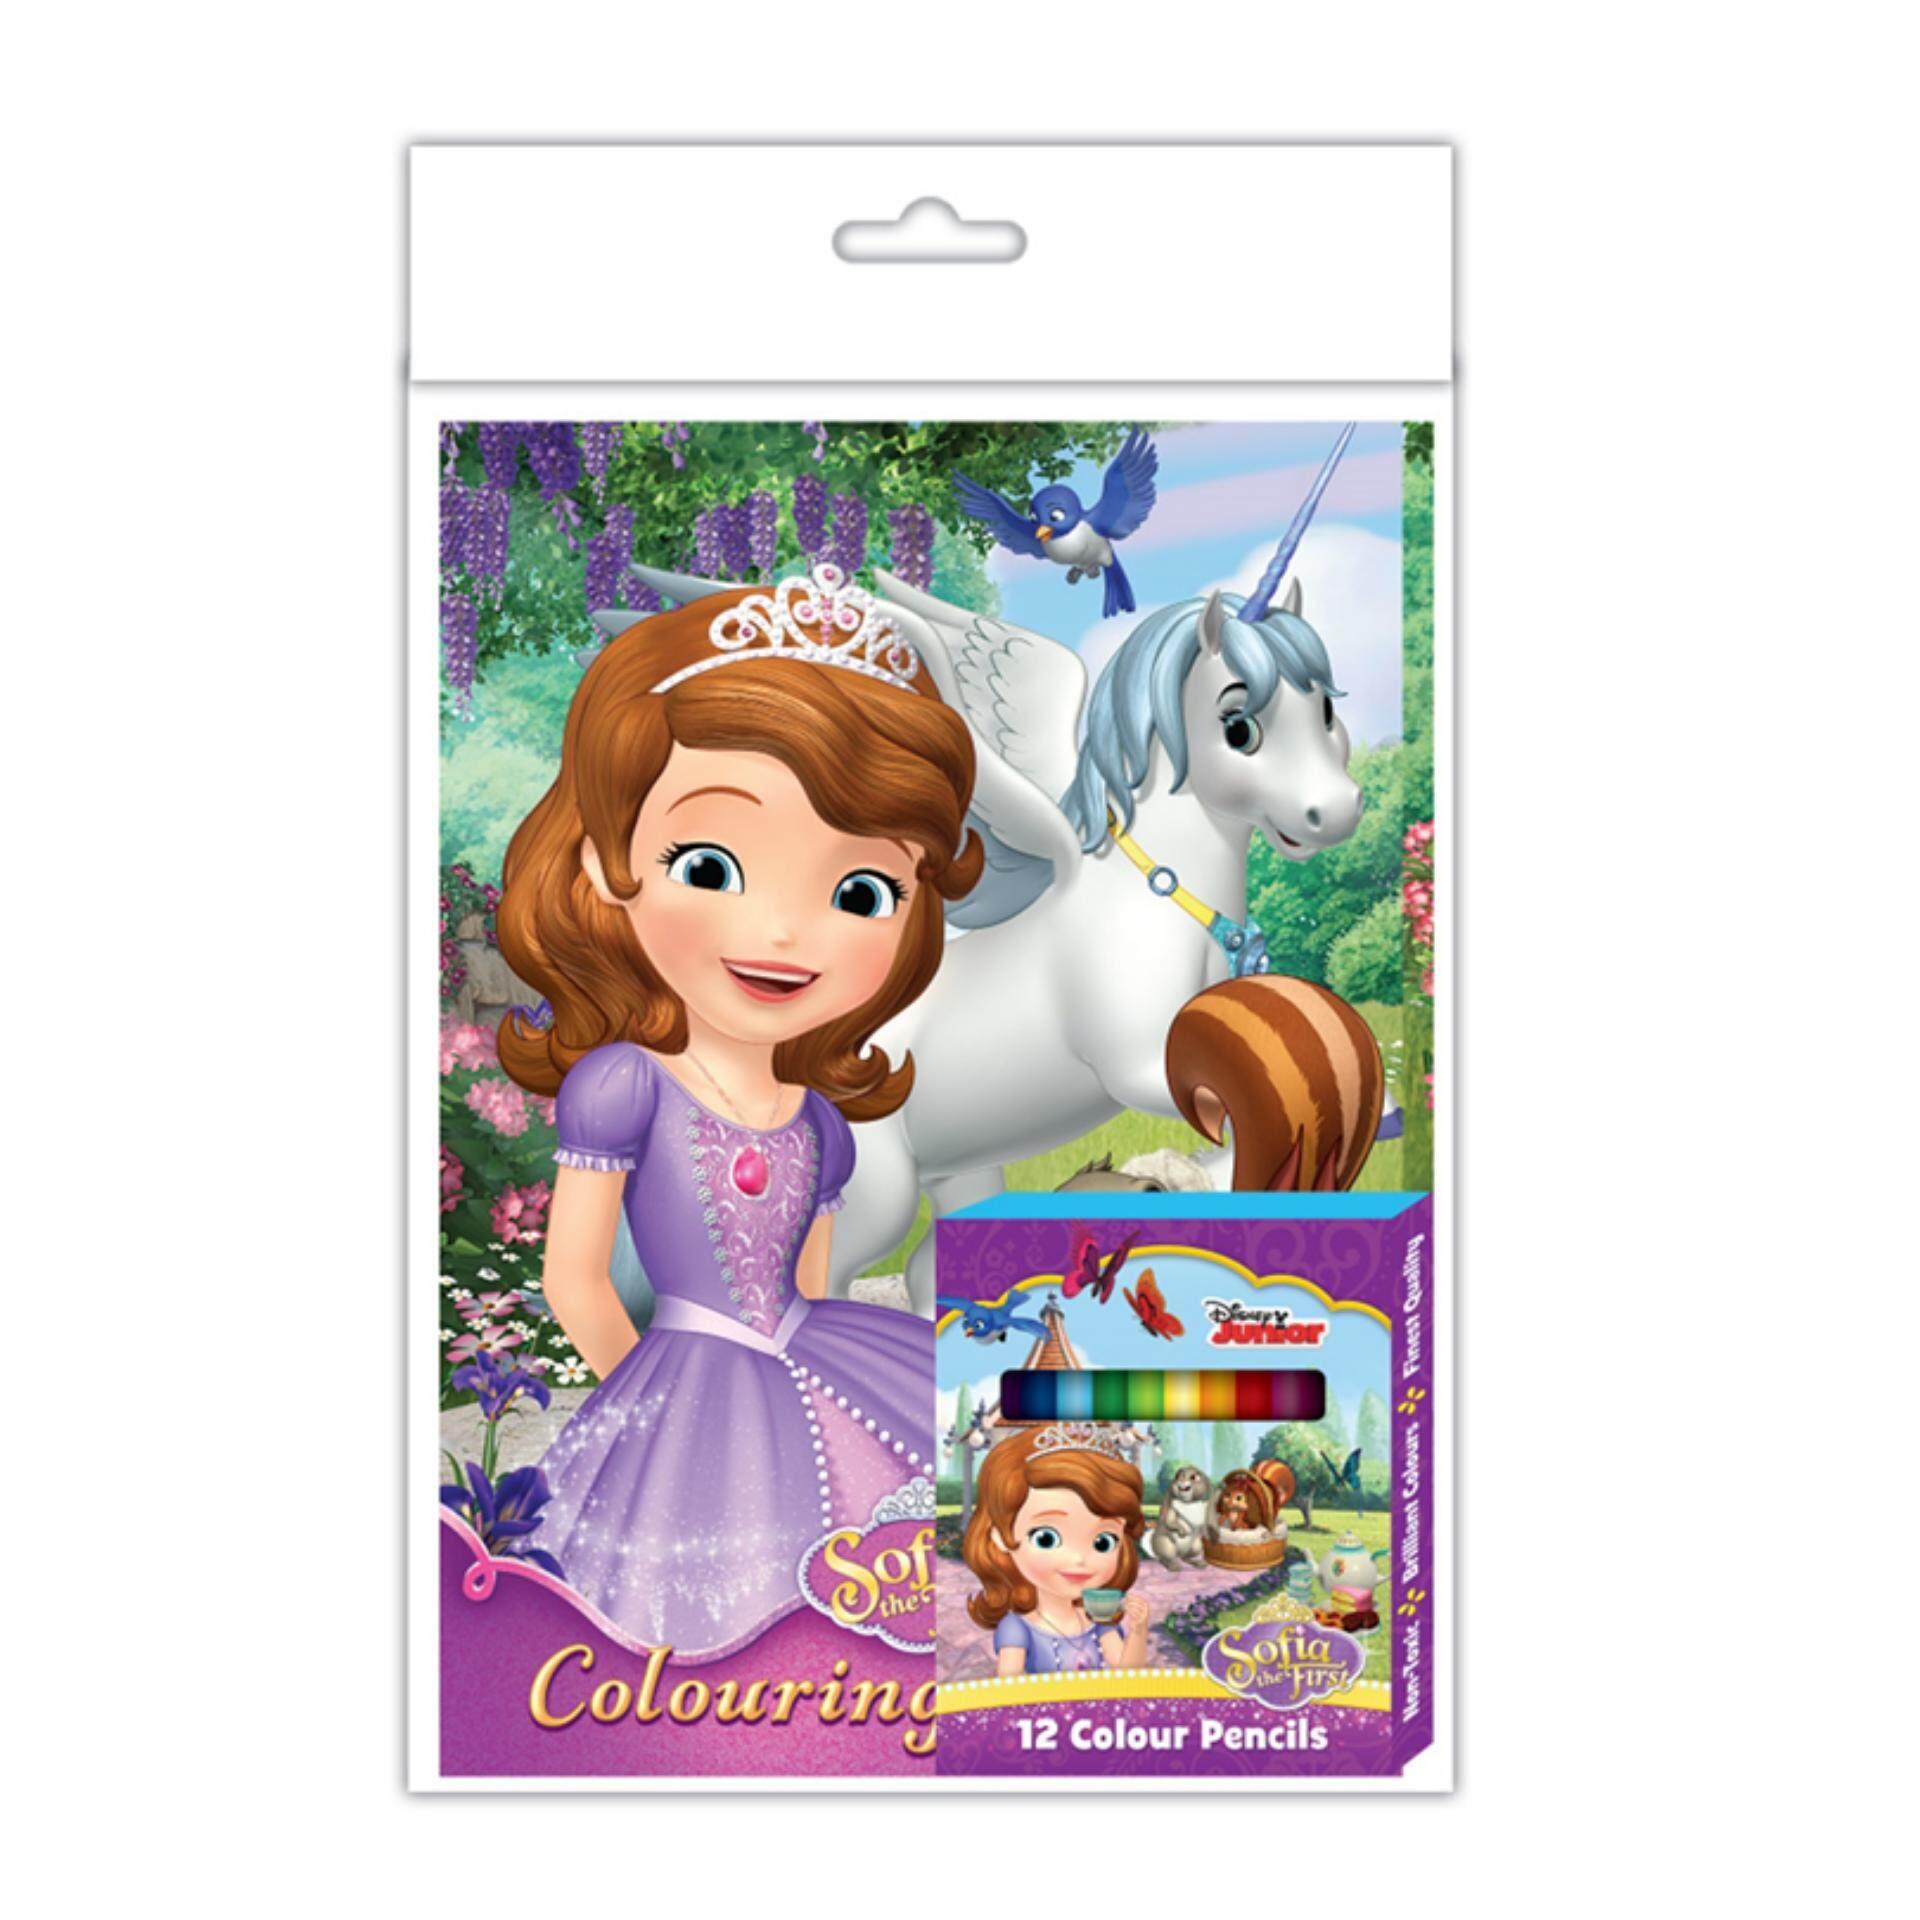 Disney Princess Sofia Activity Book With Colour Pencil Set - Purple Colour